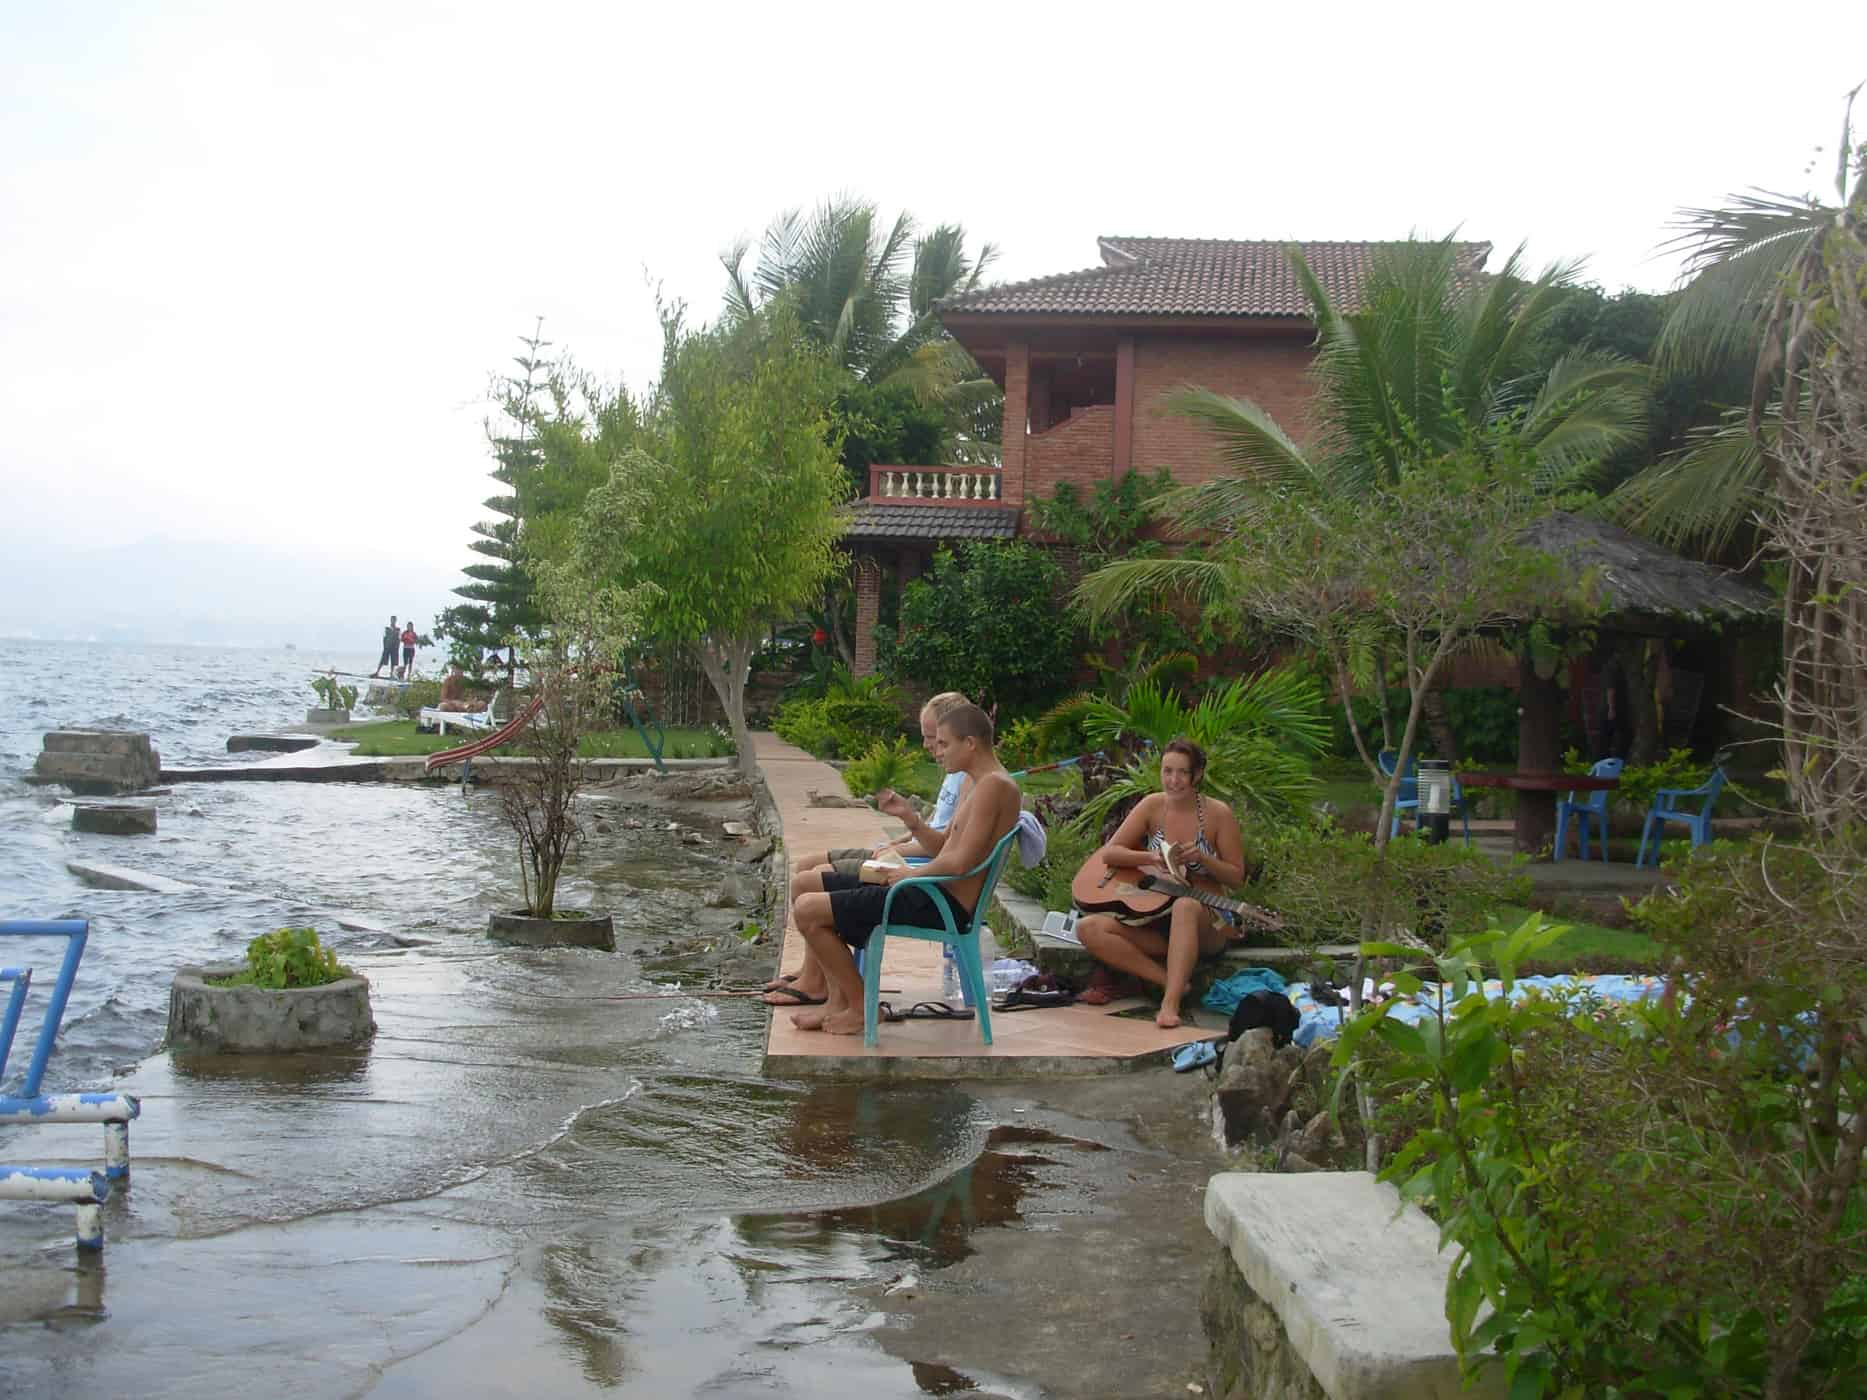 Relaxing at Samosir Cottages, Lake Toba, Sumatra